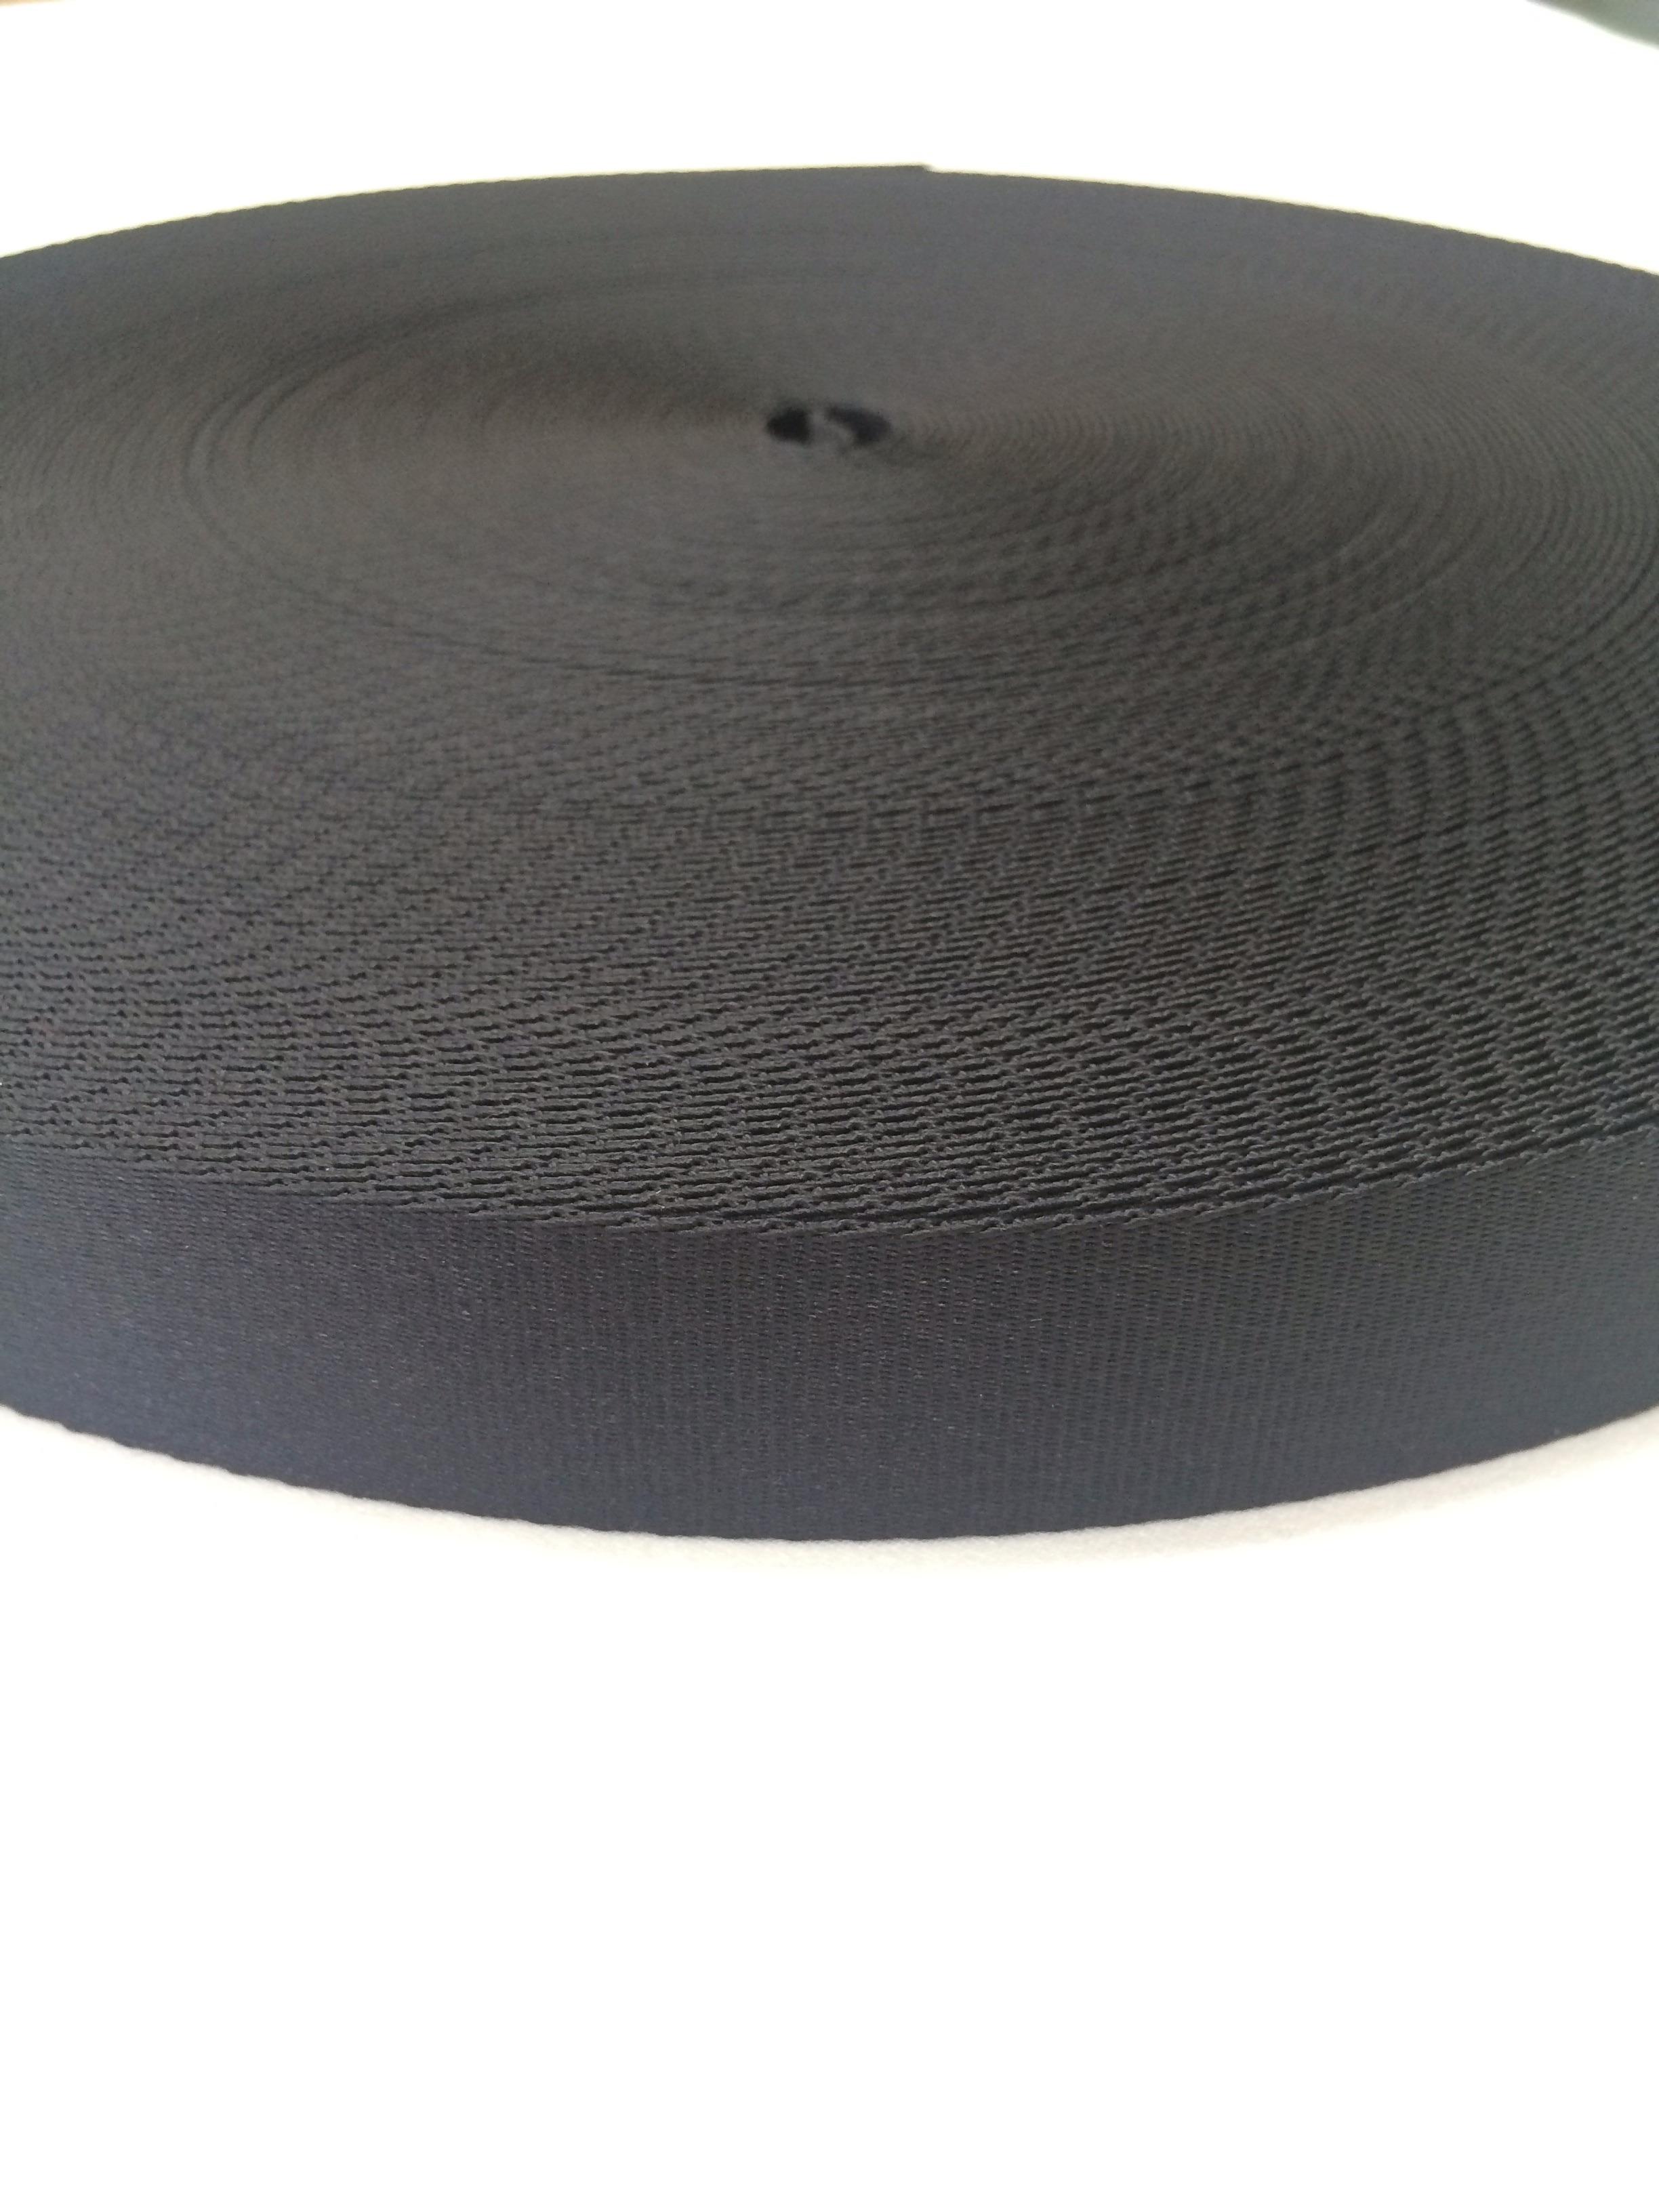 ナイロンテープ  サテン調 朱子織  25mm幅   黒  5m